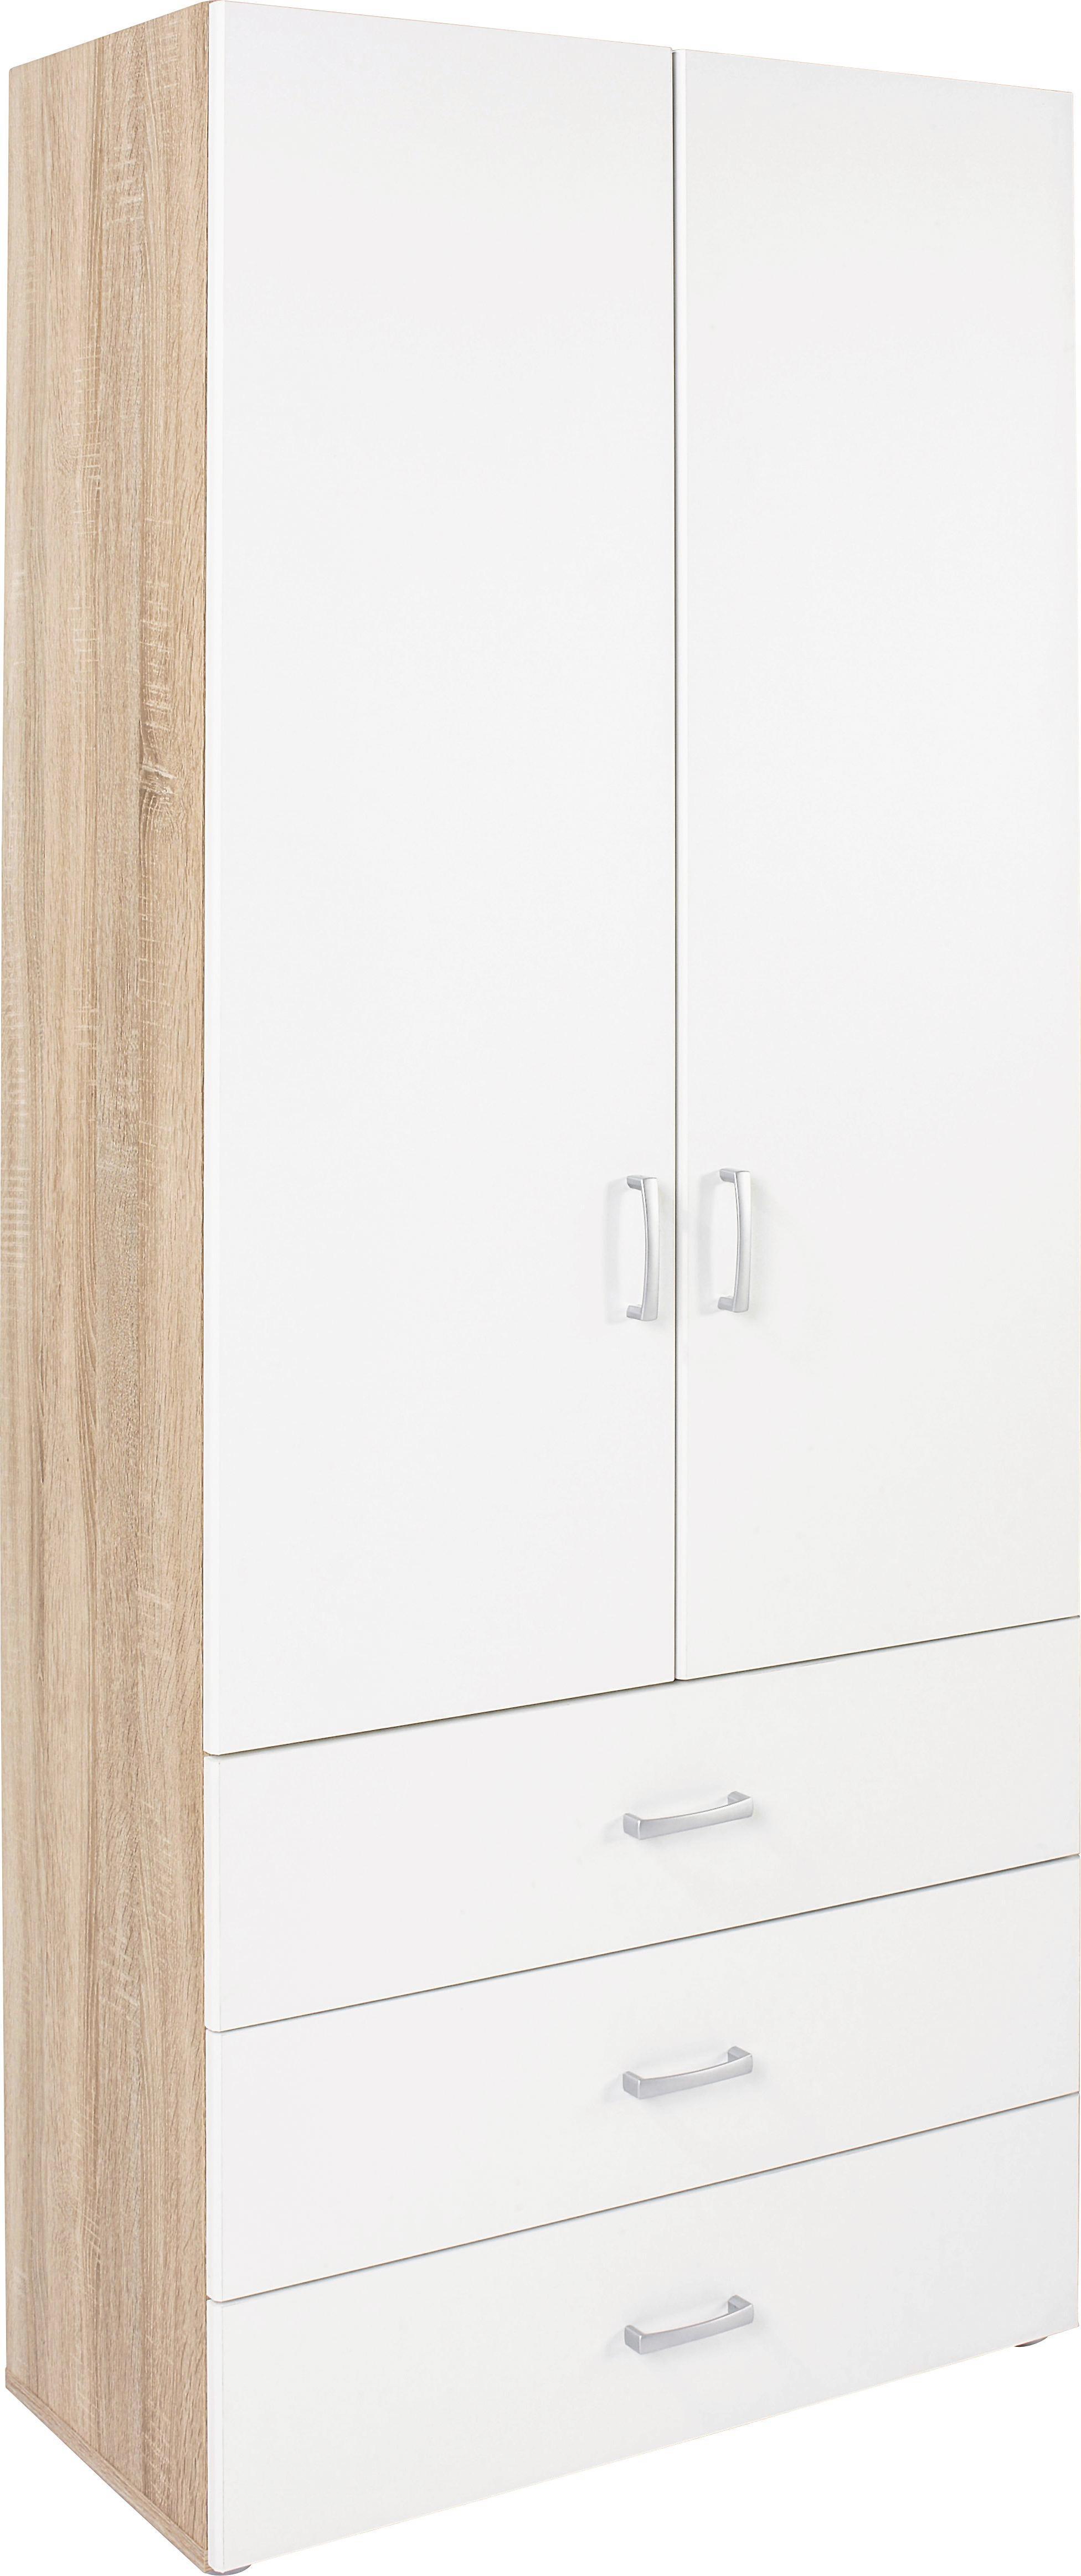 Szekrény Tio - tölgy színű/fehér, modern, faanyagok (80/183/37,5cm)